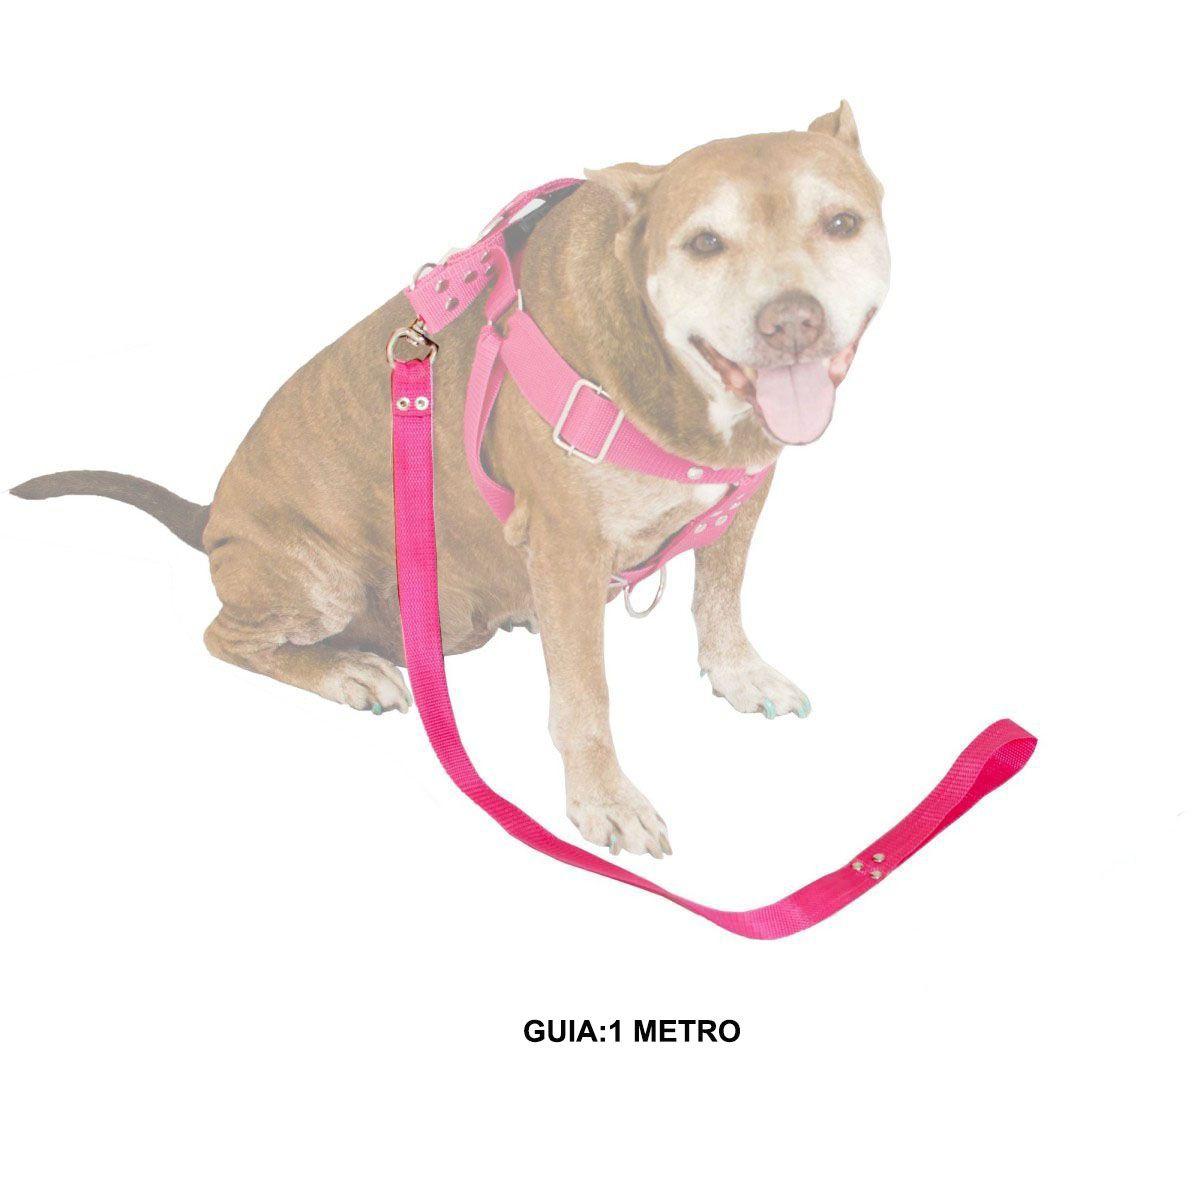 Guia de 1 Metro Resistente Para Cachorros de Maior Porte - Cor Rosa